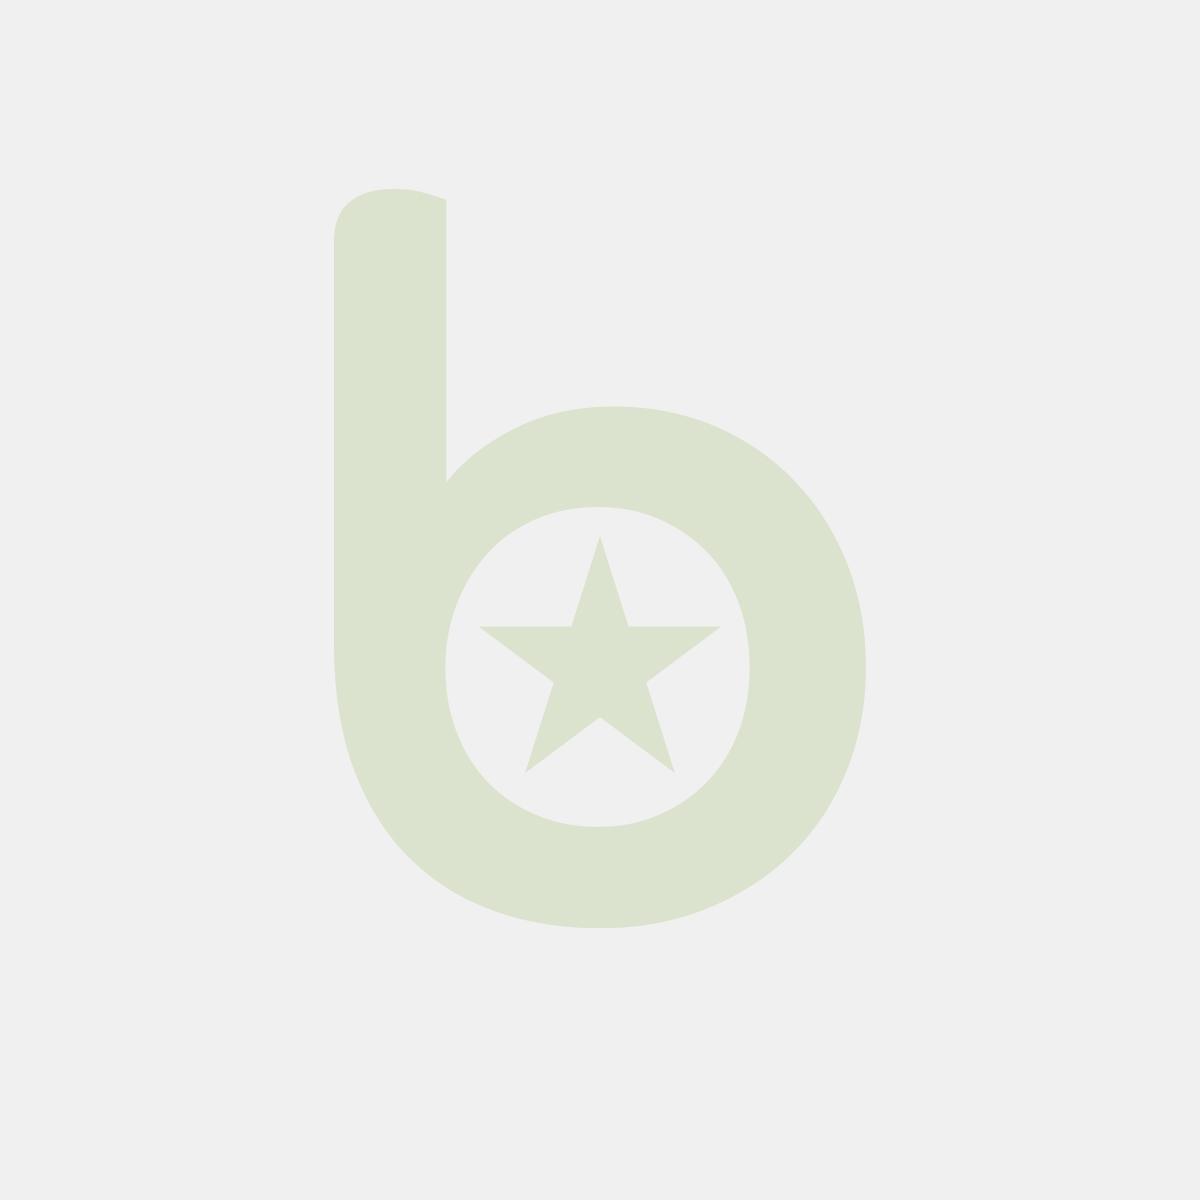 FINGERFOOD - rożek PS transparentny 150ml śr.9,5xh.16,5 op. 20 sztuk